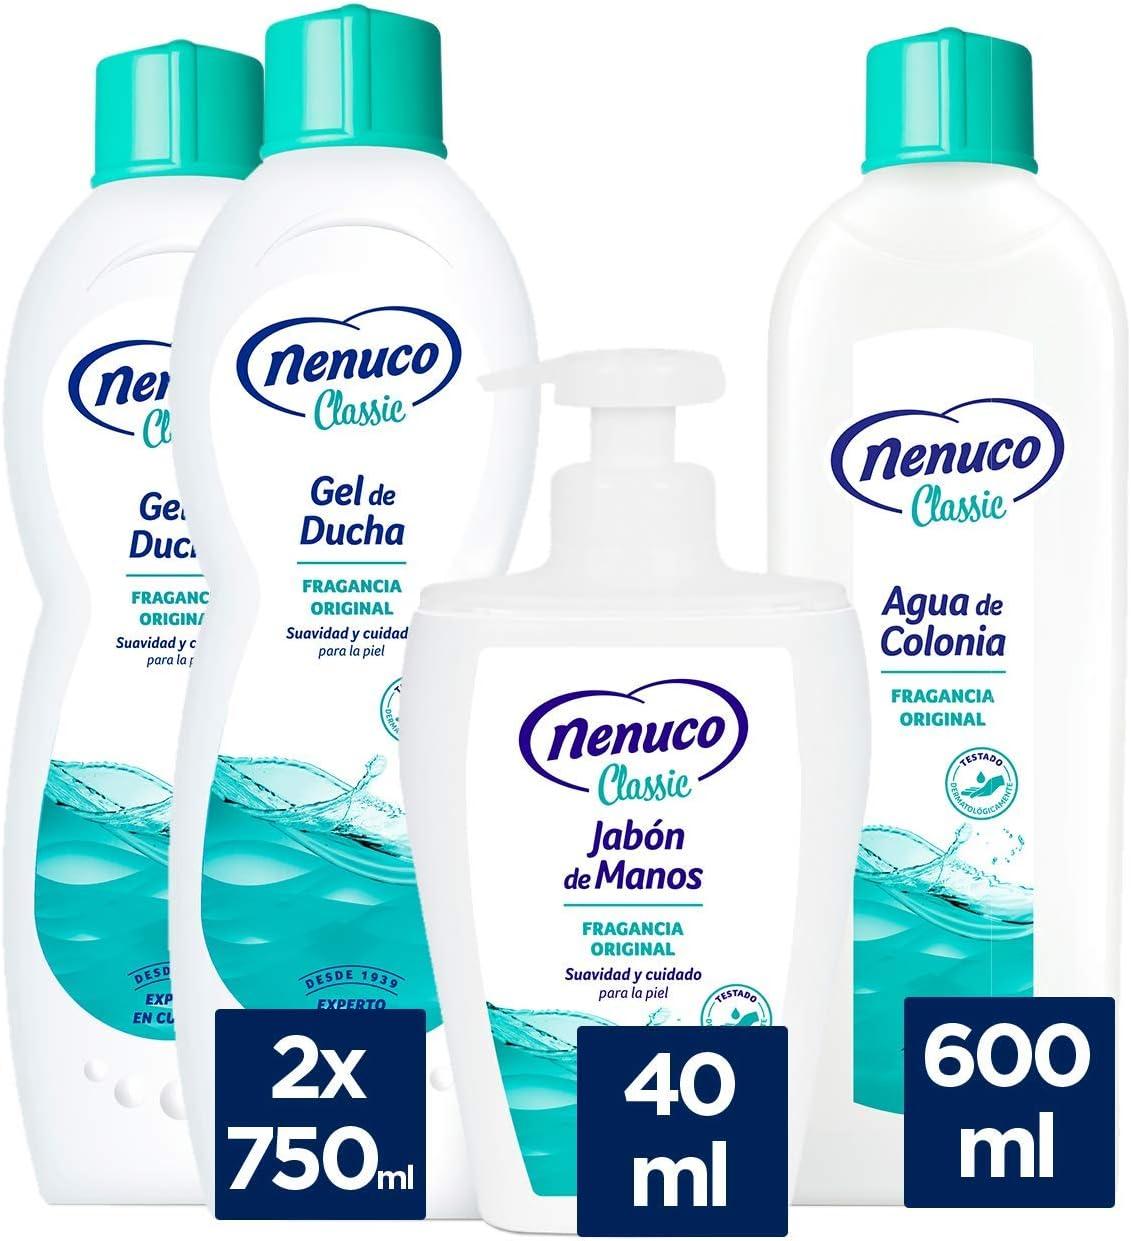 Nenuco Pack Cuidado Classic con 2 geles de ducha, 1 colonia y 1 jabón de manos